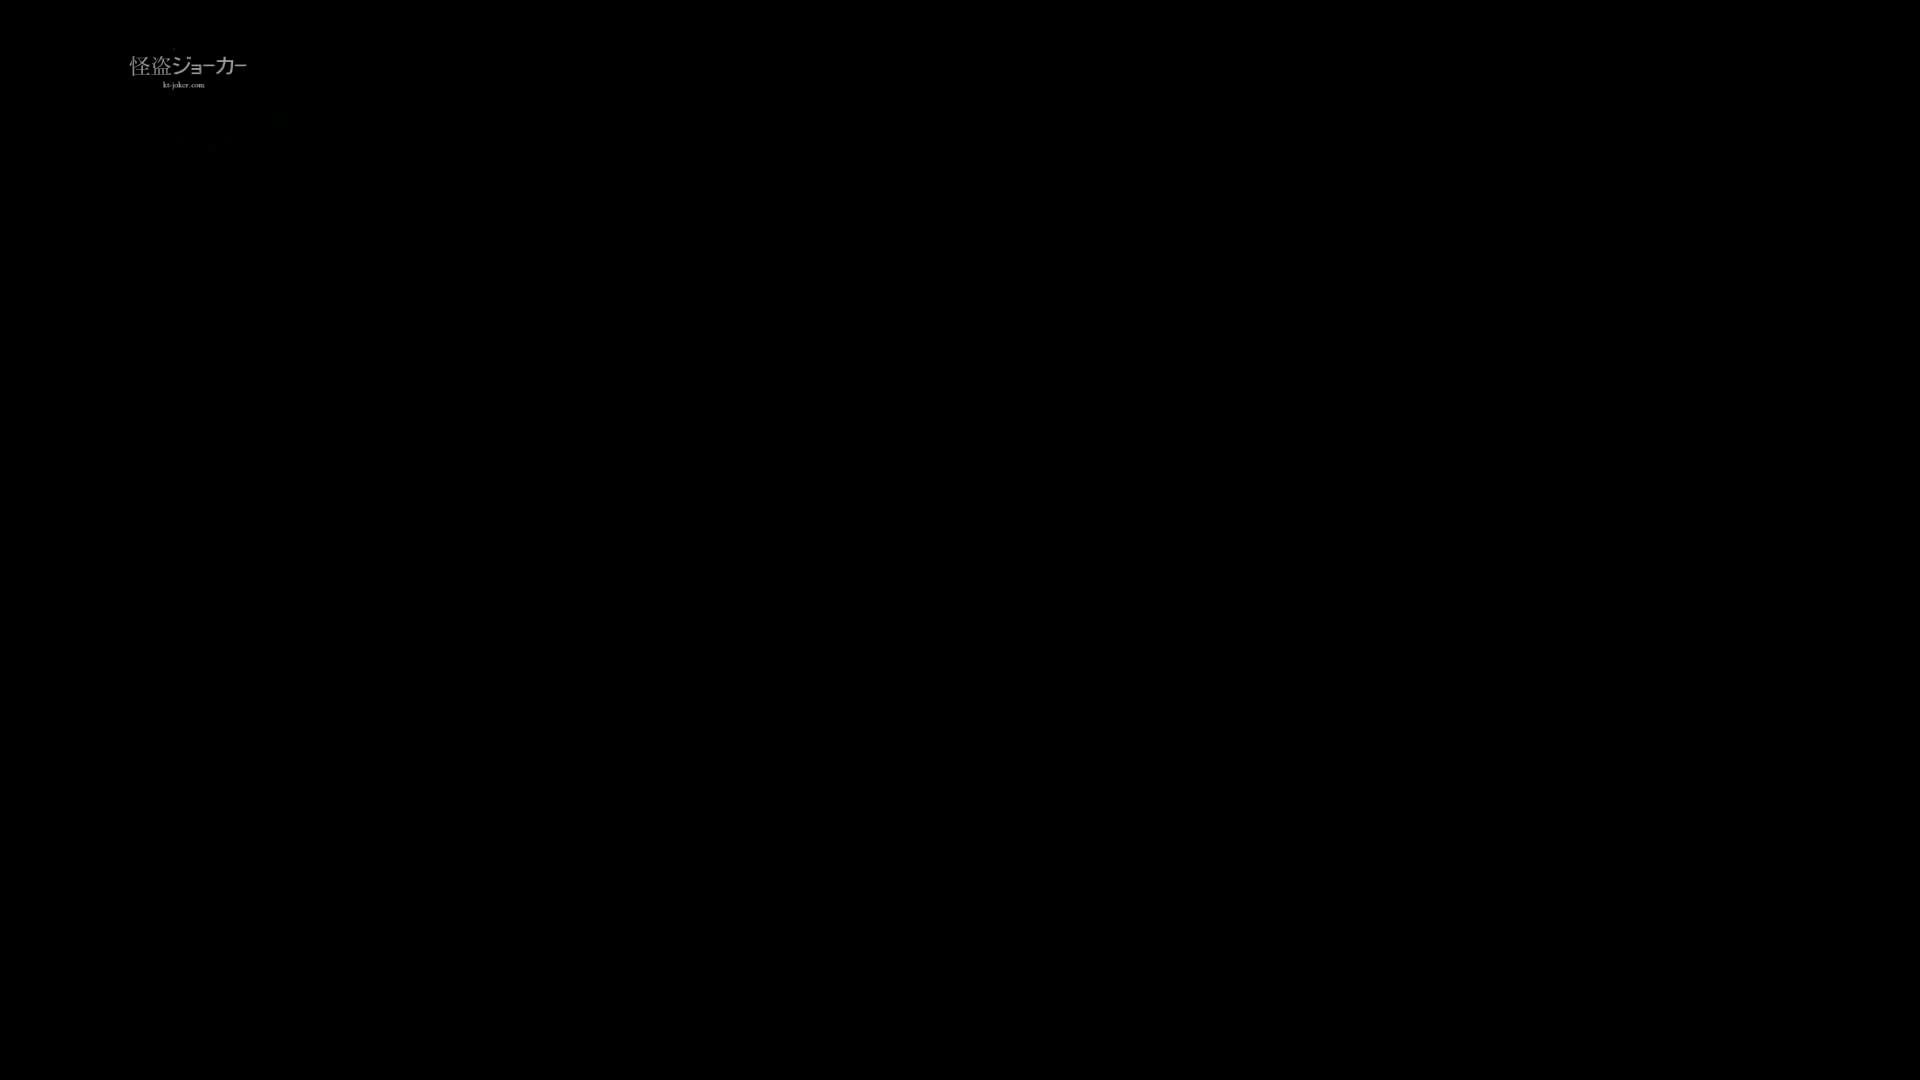 リアルインパクト盗撮~入浴編 Vol.01 美肌 AV無料動画キャプチャ 54PIX 15